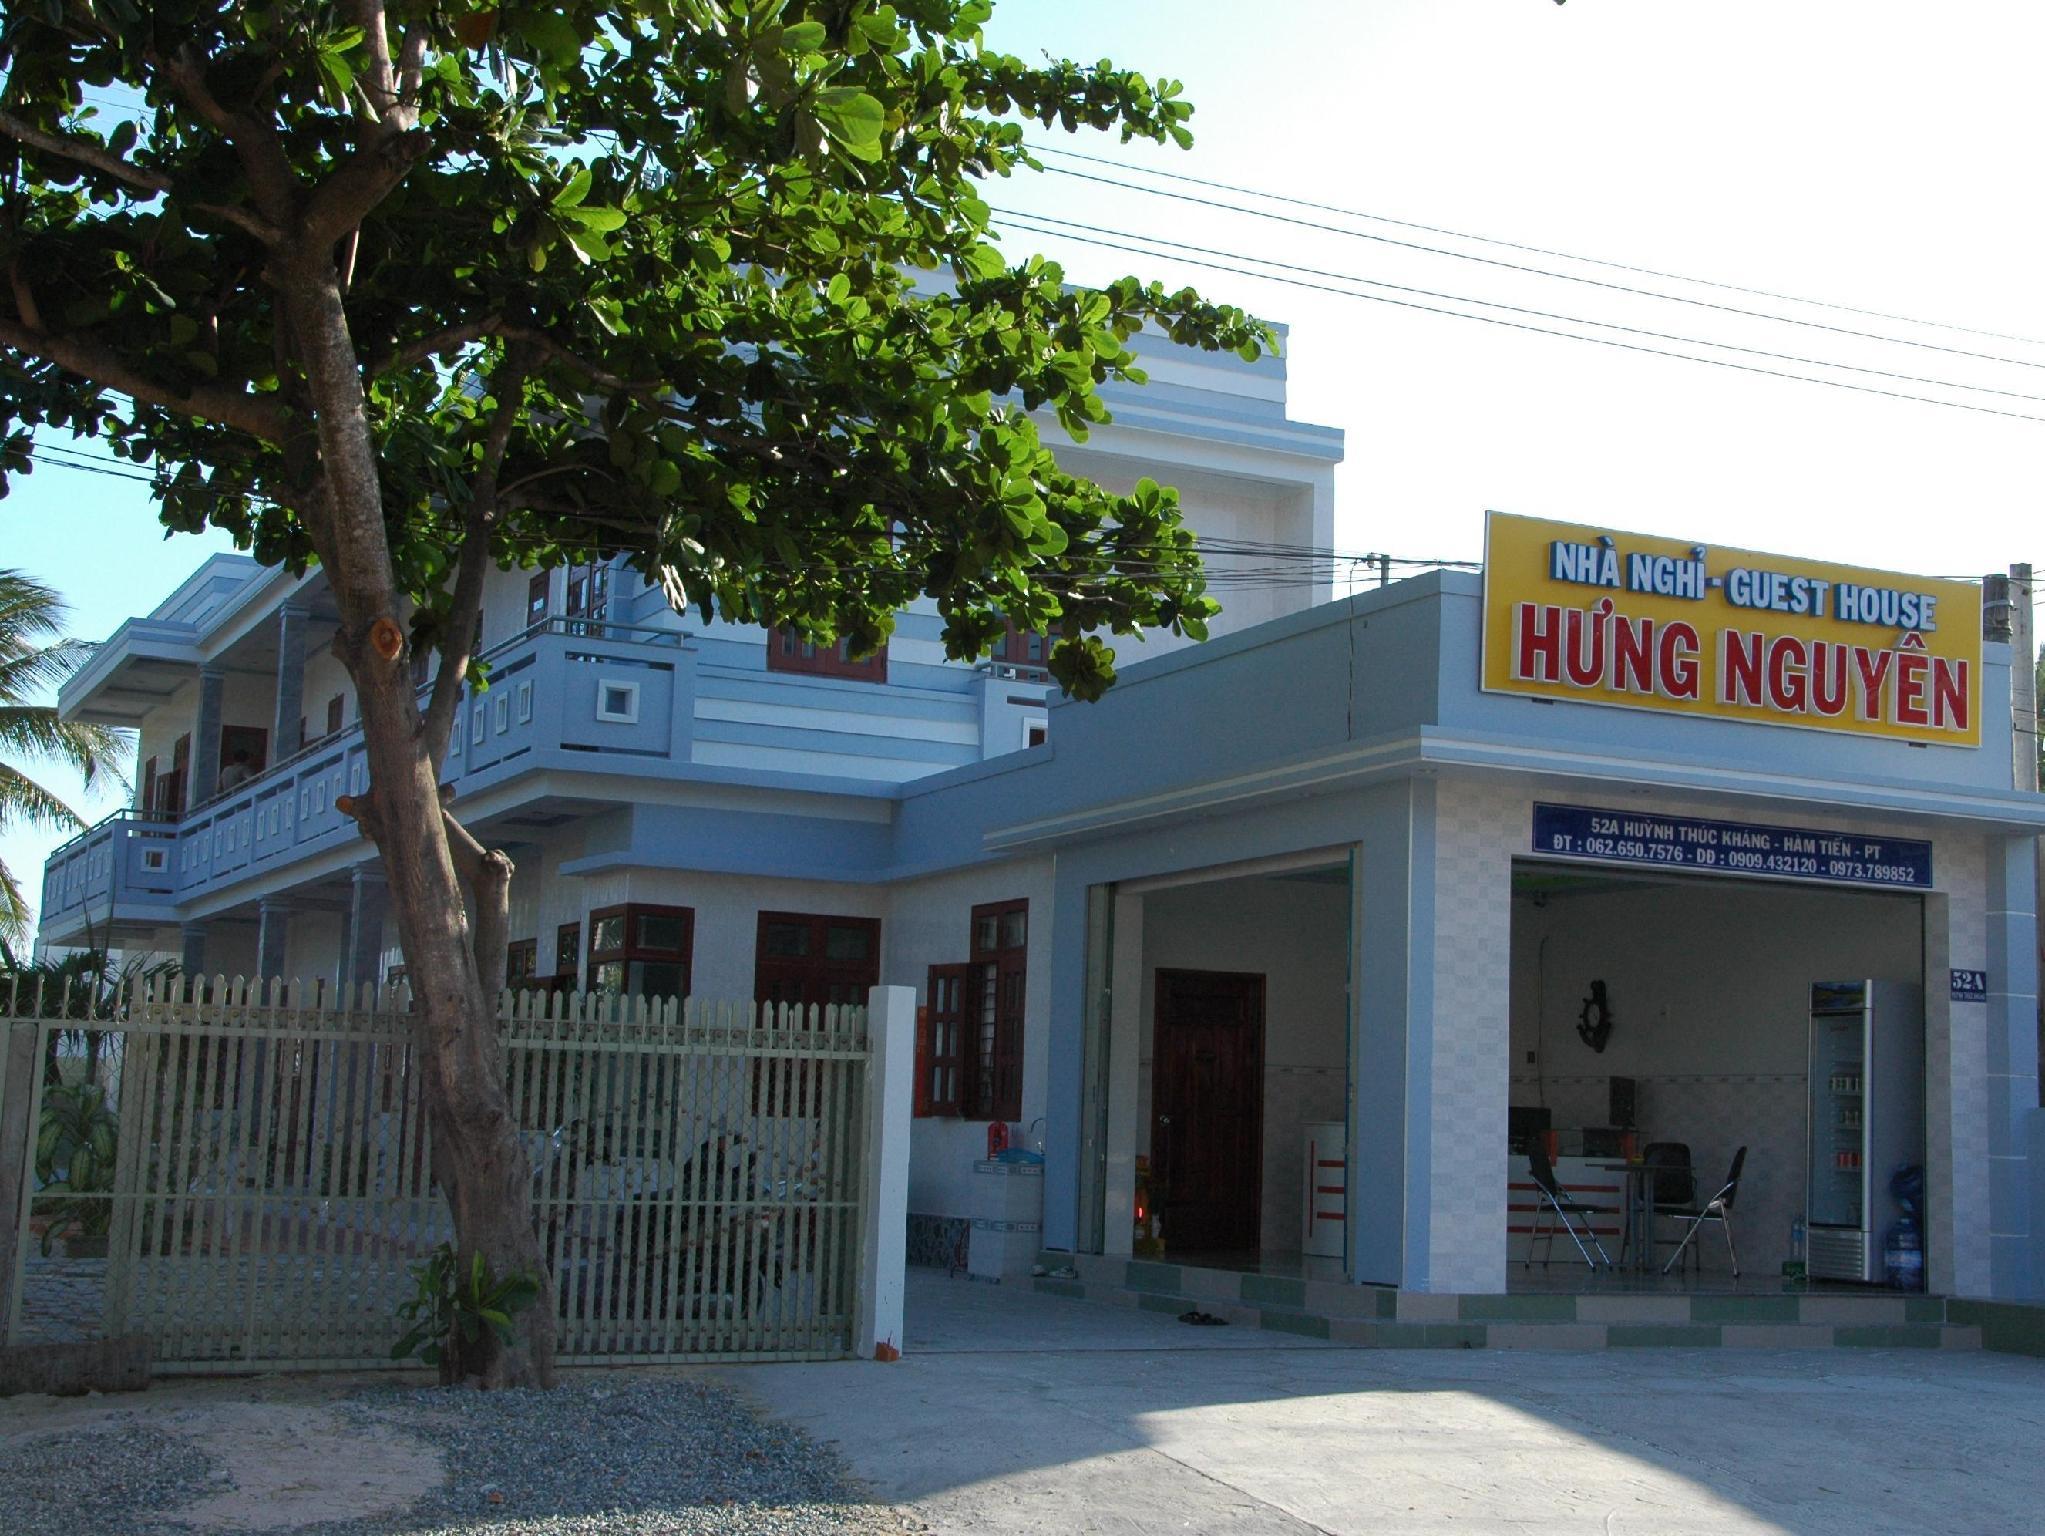 Hưng Nguyên Guest House